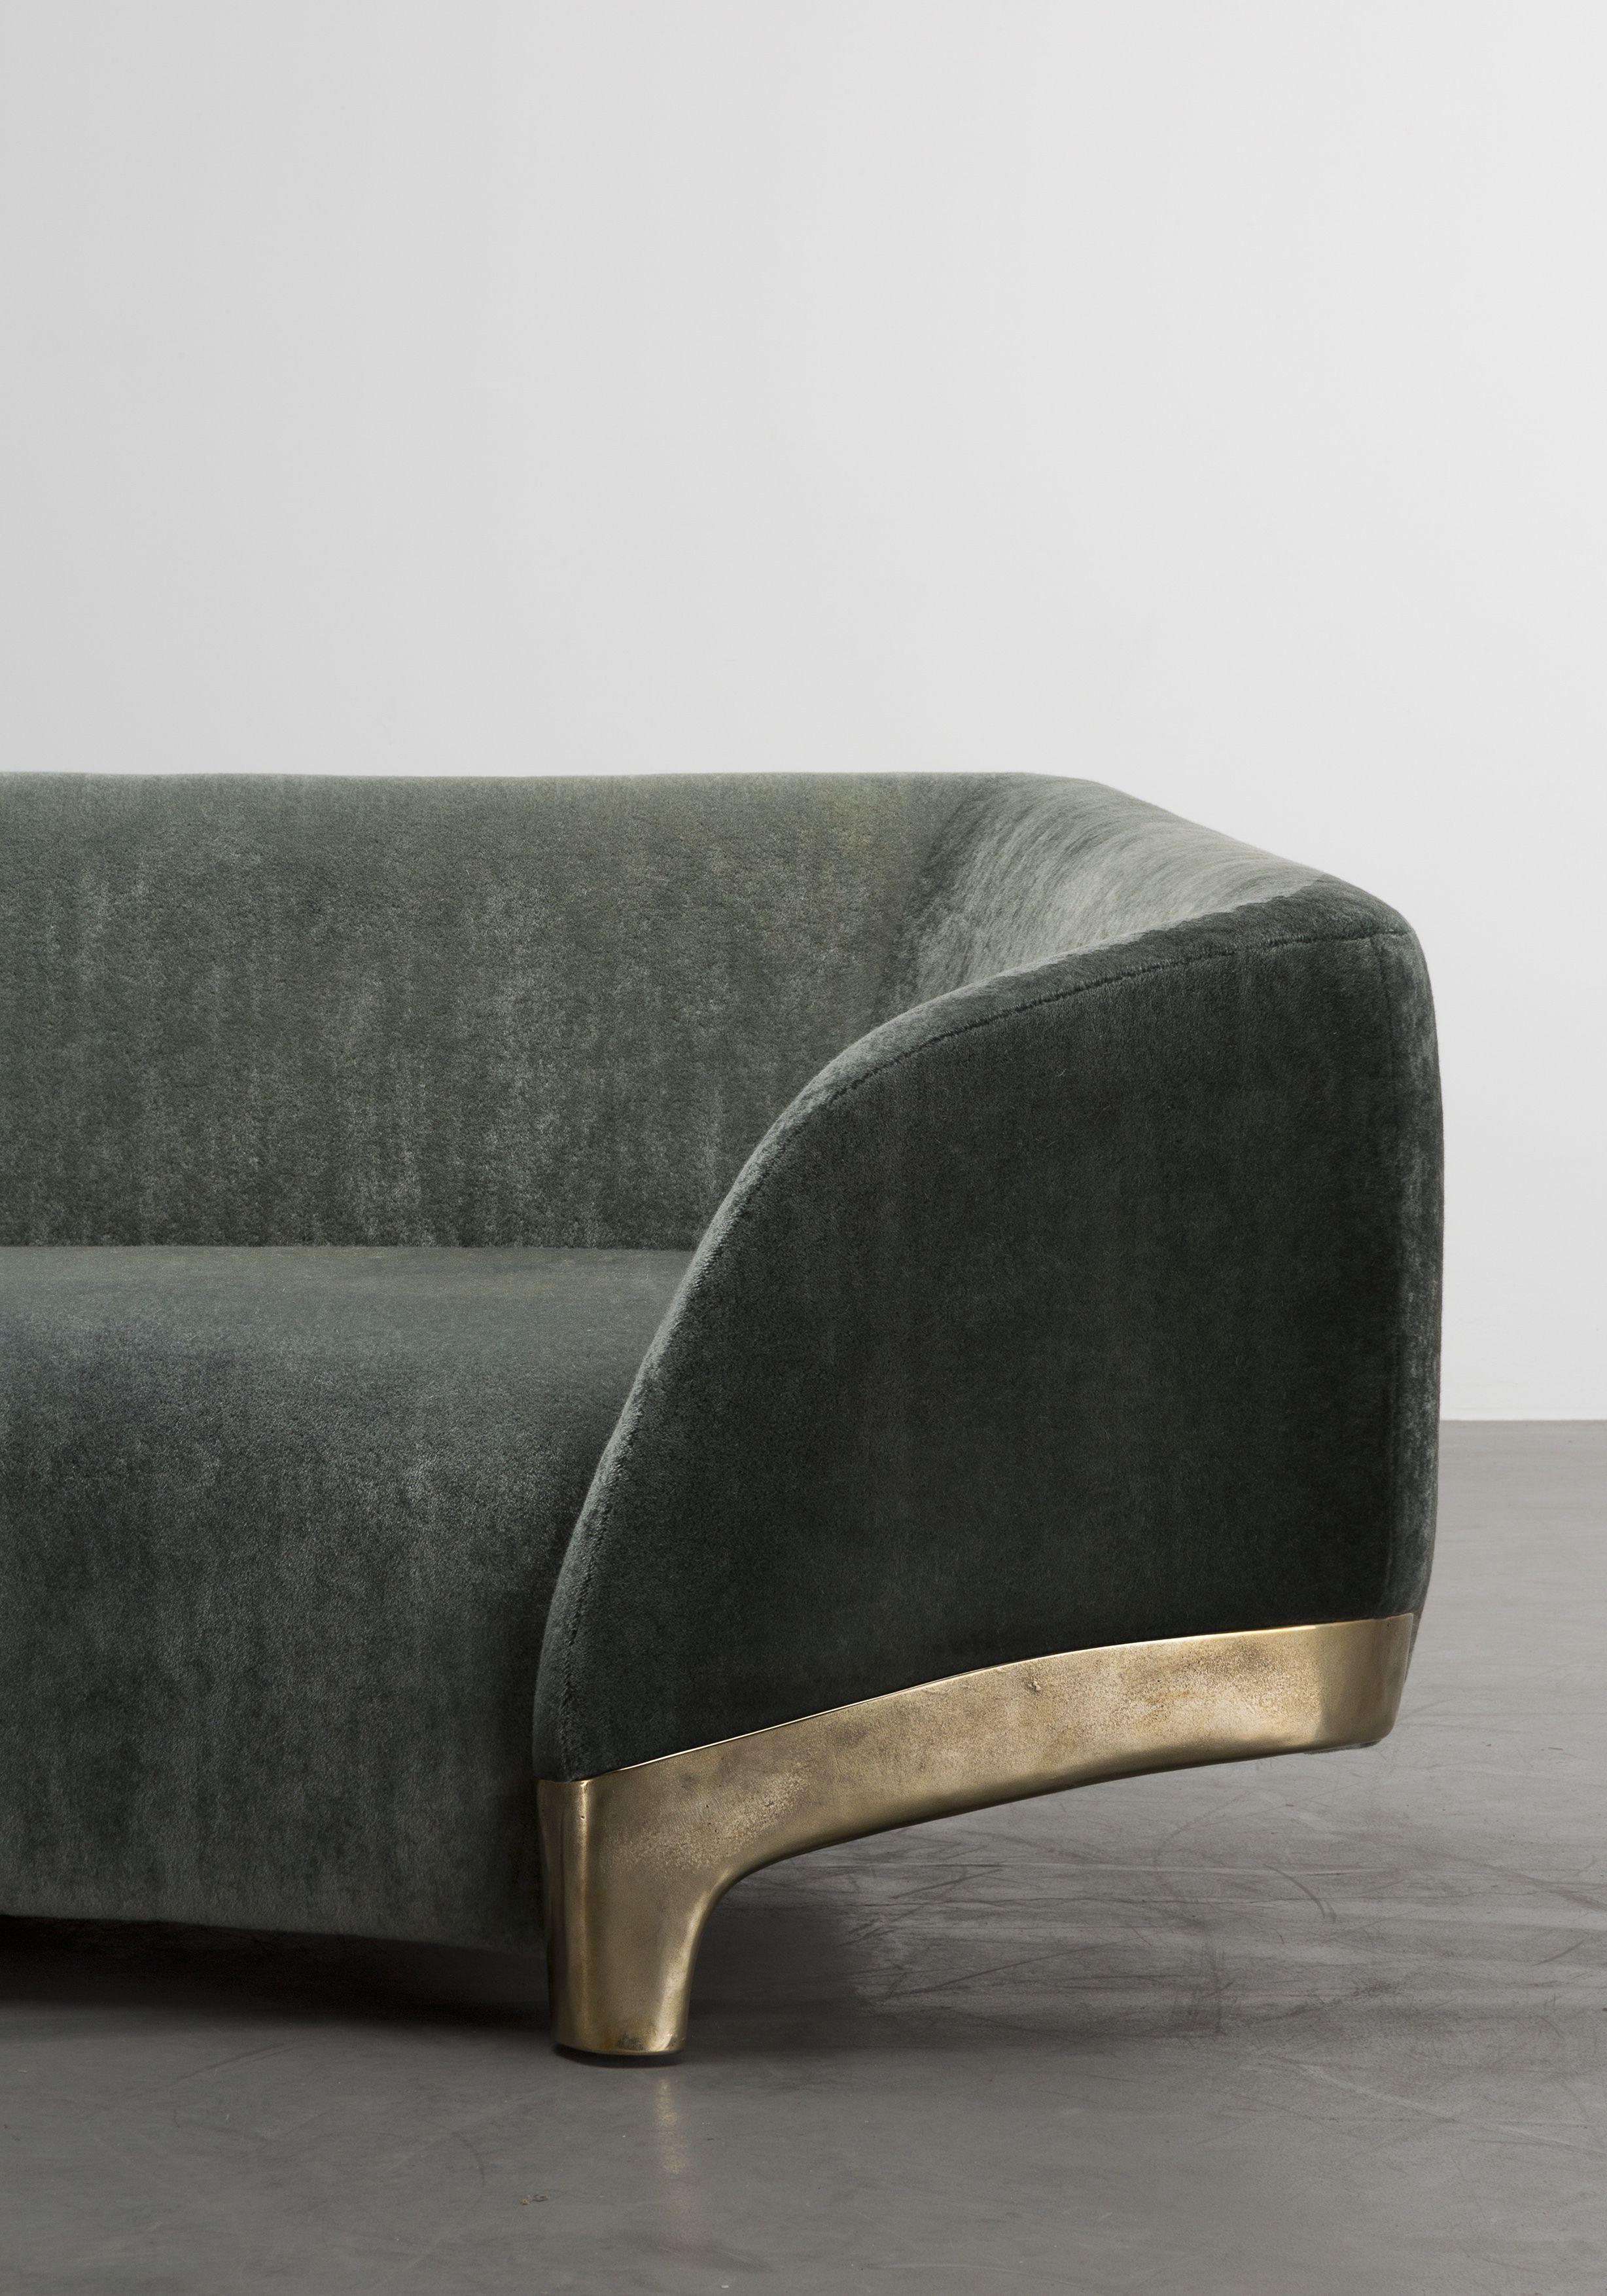 Dc 1626 A Sofa By Vincenzo De Cotiis